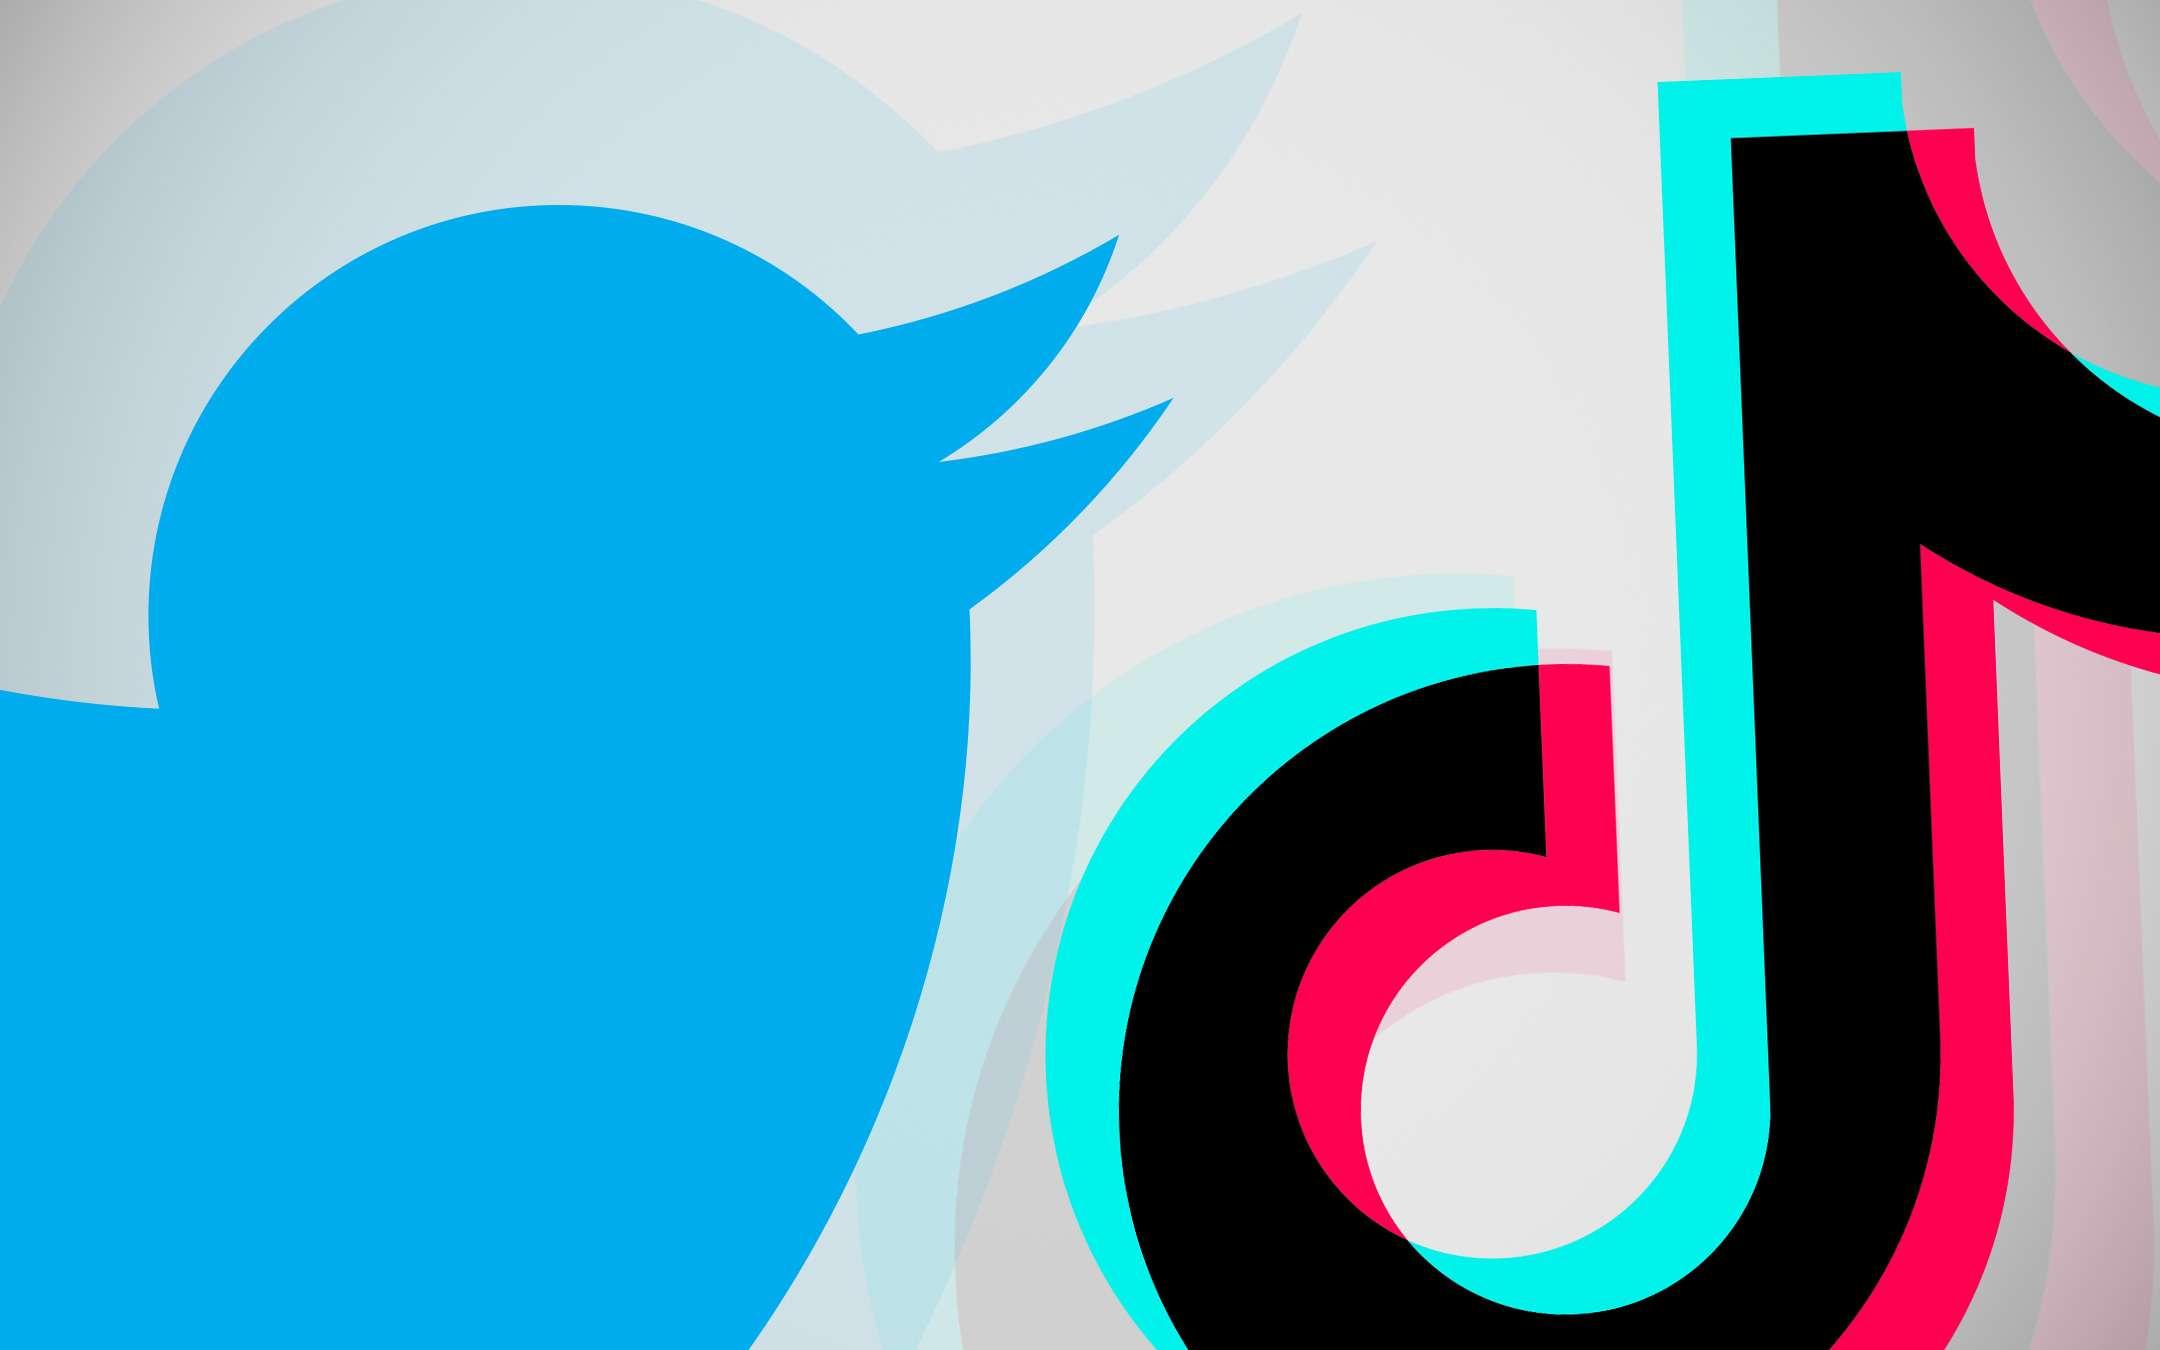 Twitter, TikTok